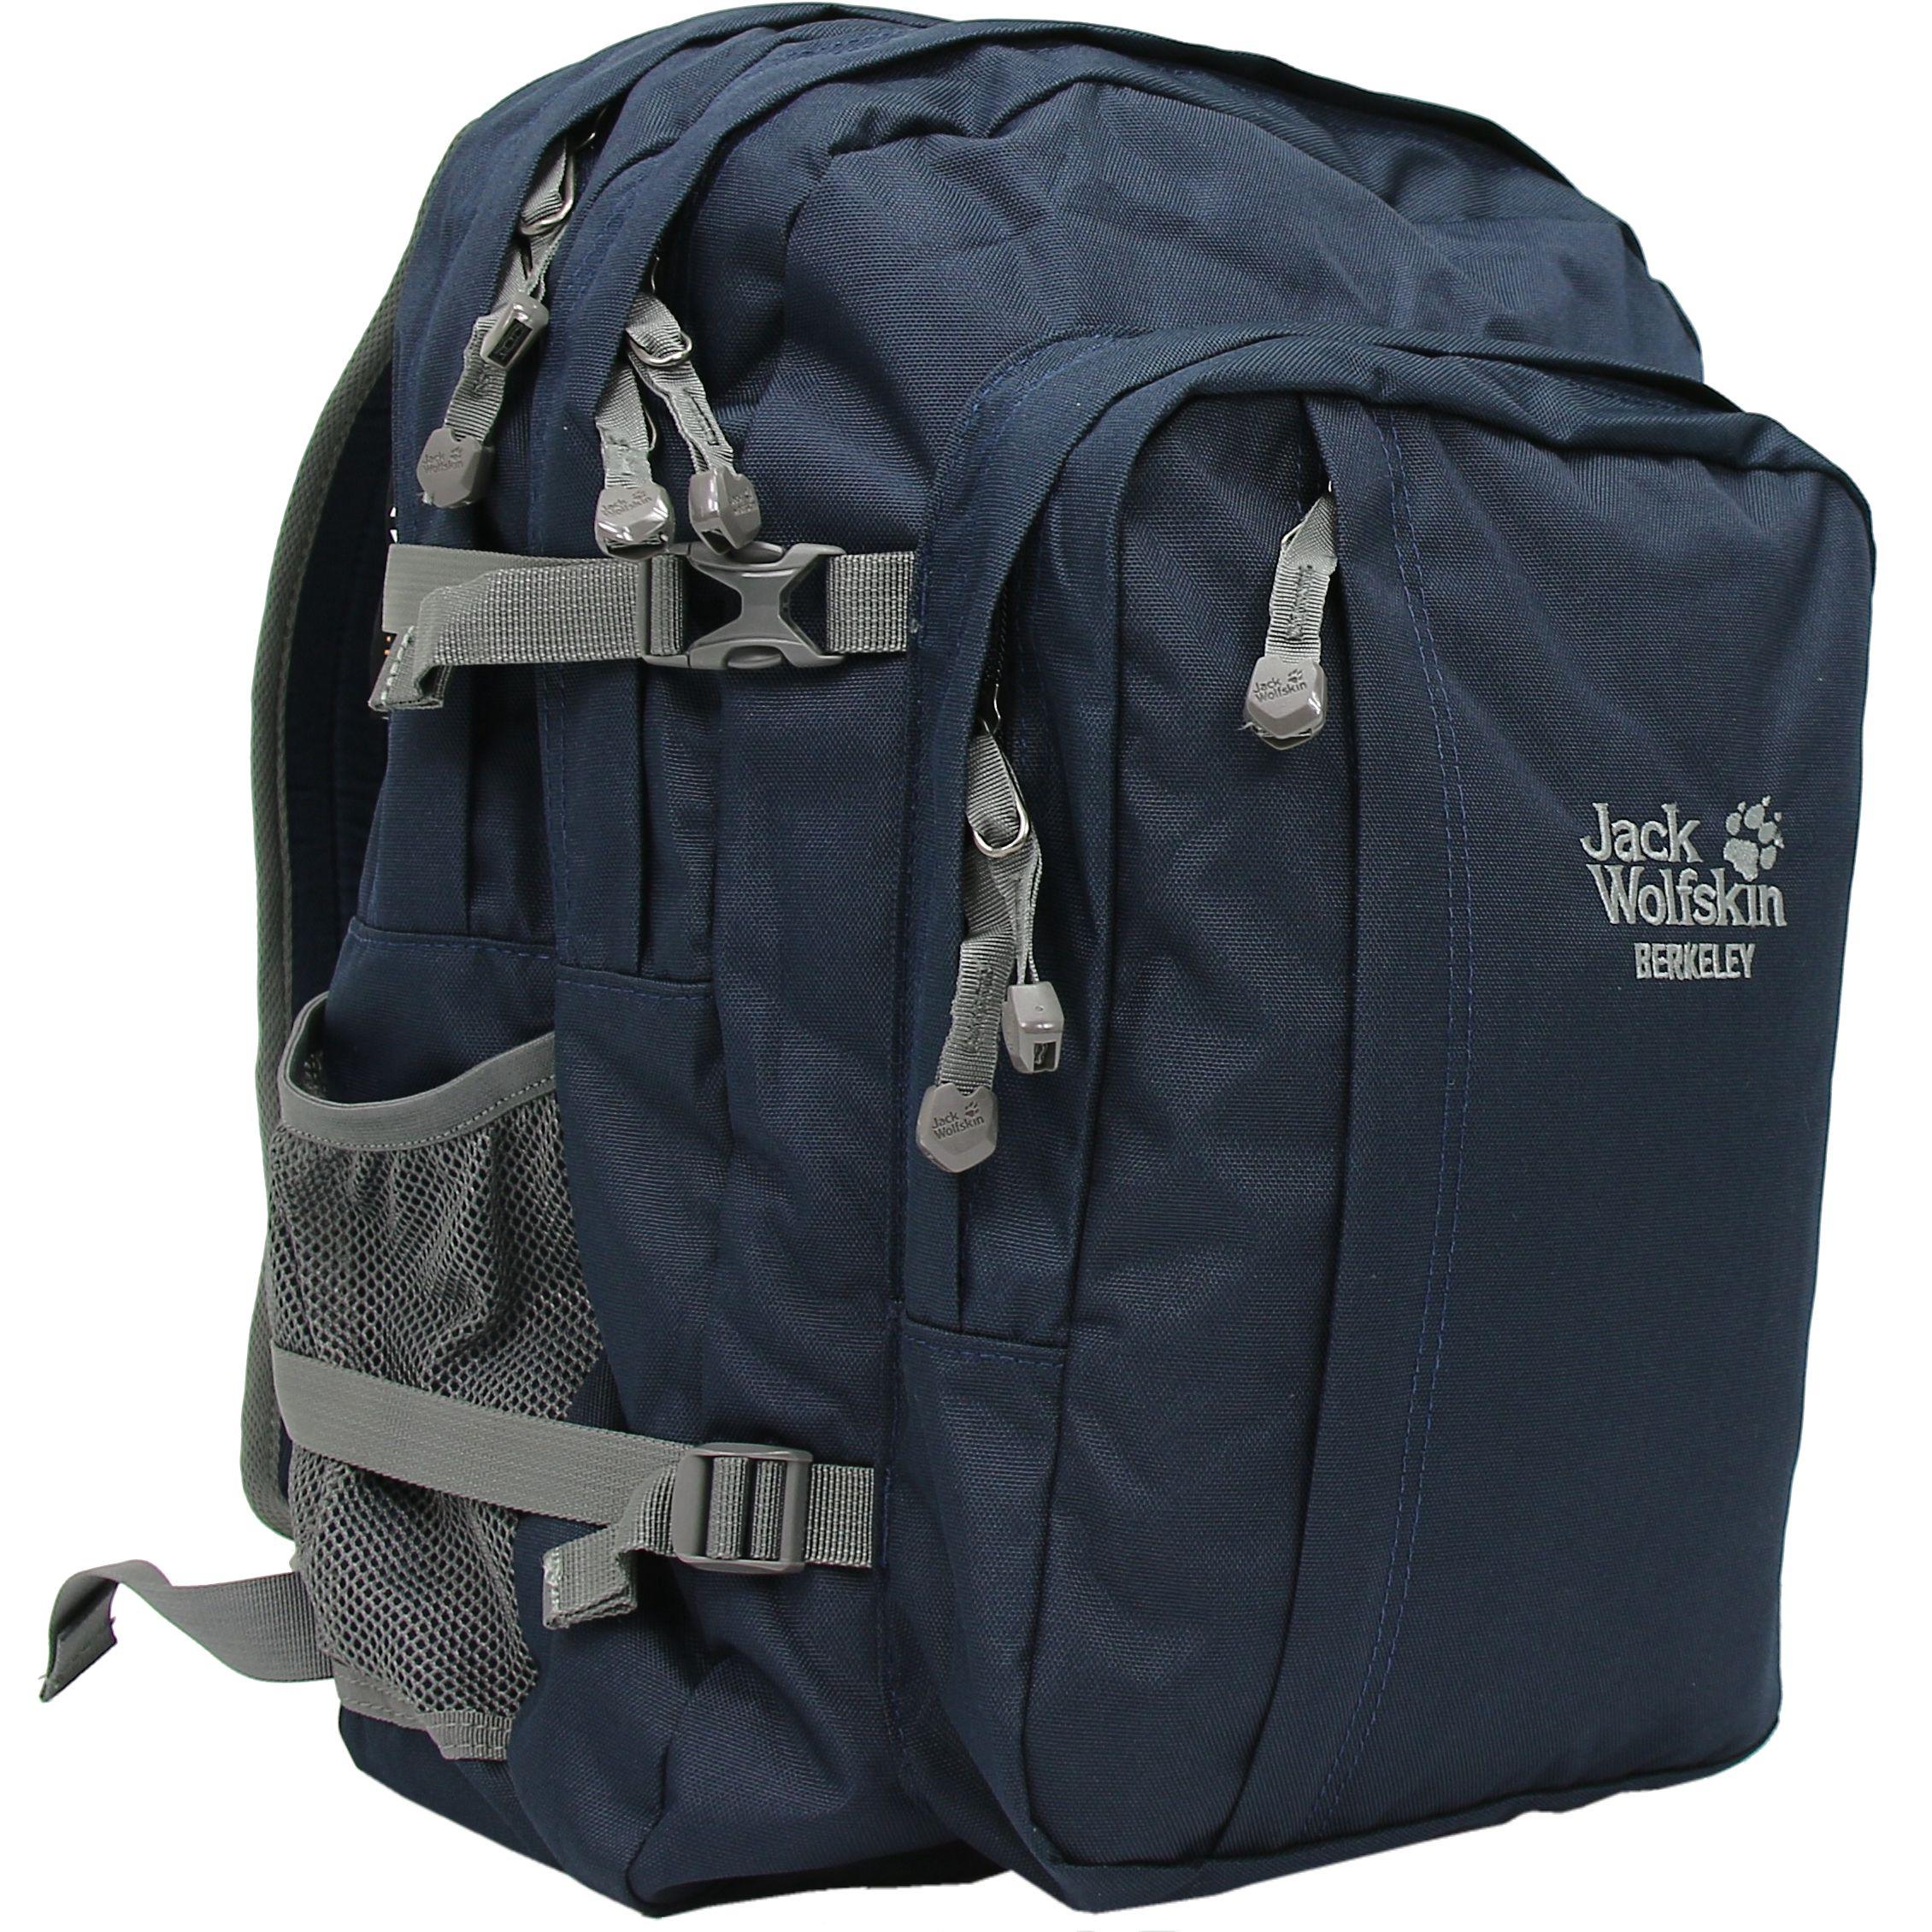 Jack-Wolfskin-Berkeley-Rucksack-Daypack-Tasche-Outdoor-Sport-Diverse-Farben